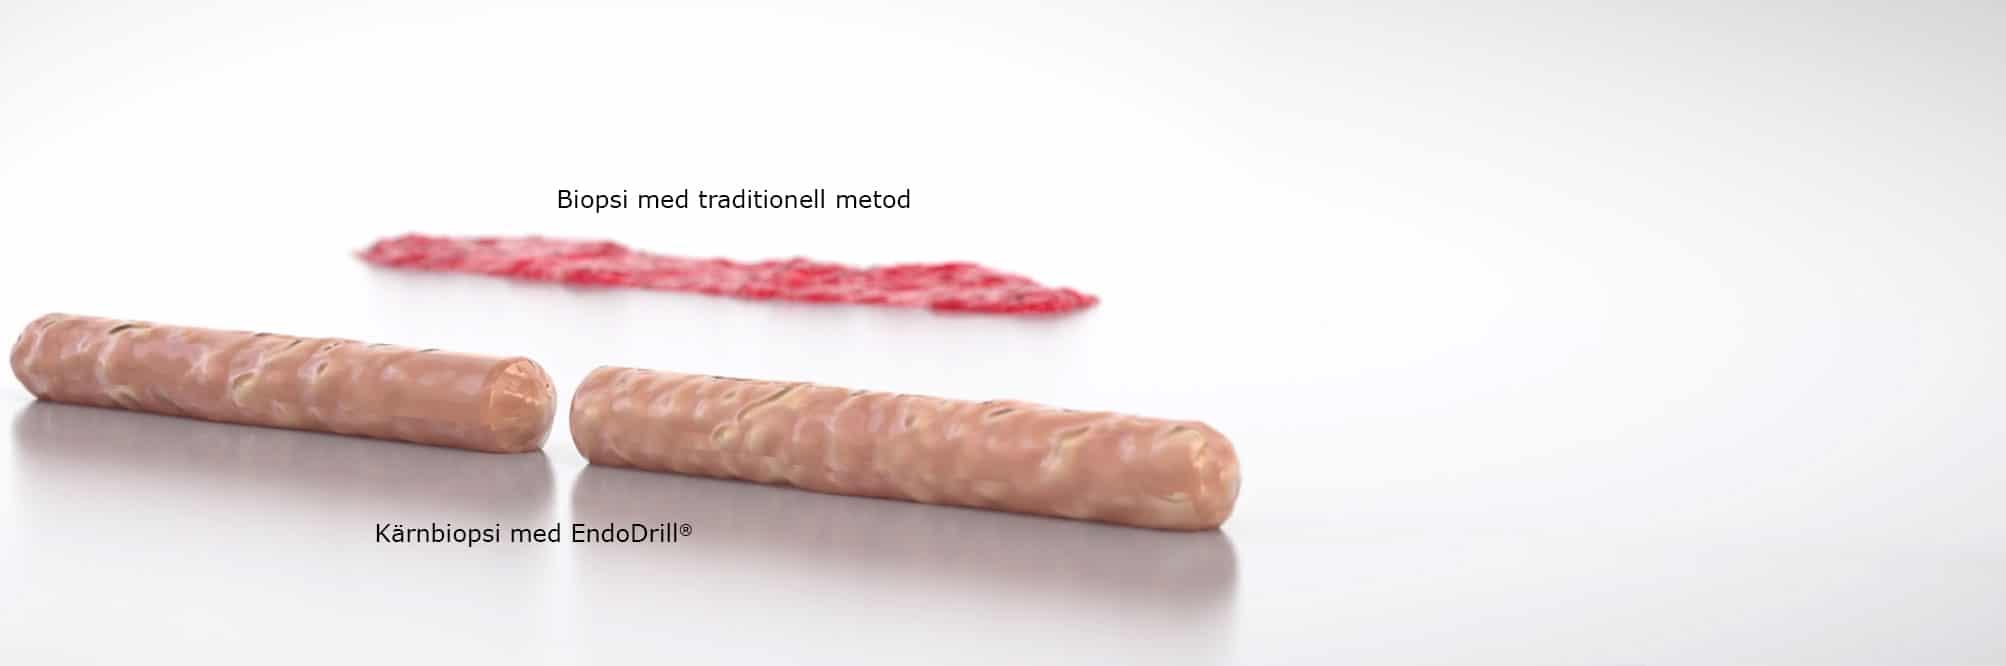 <em>EndoDrill<sup>®</sup> Model X</em> – högkvalitativa kärnbiopsier vid endoskopisk provtagning, för tidigare och mer exakt cancerdiagnostik